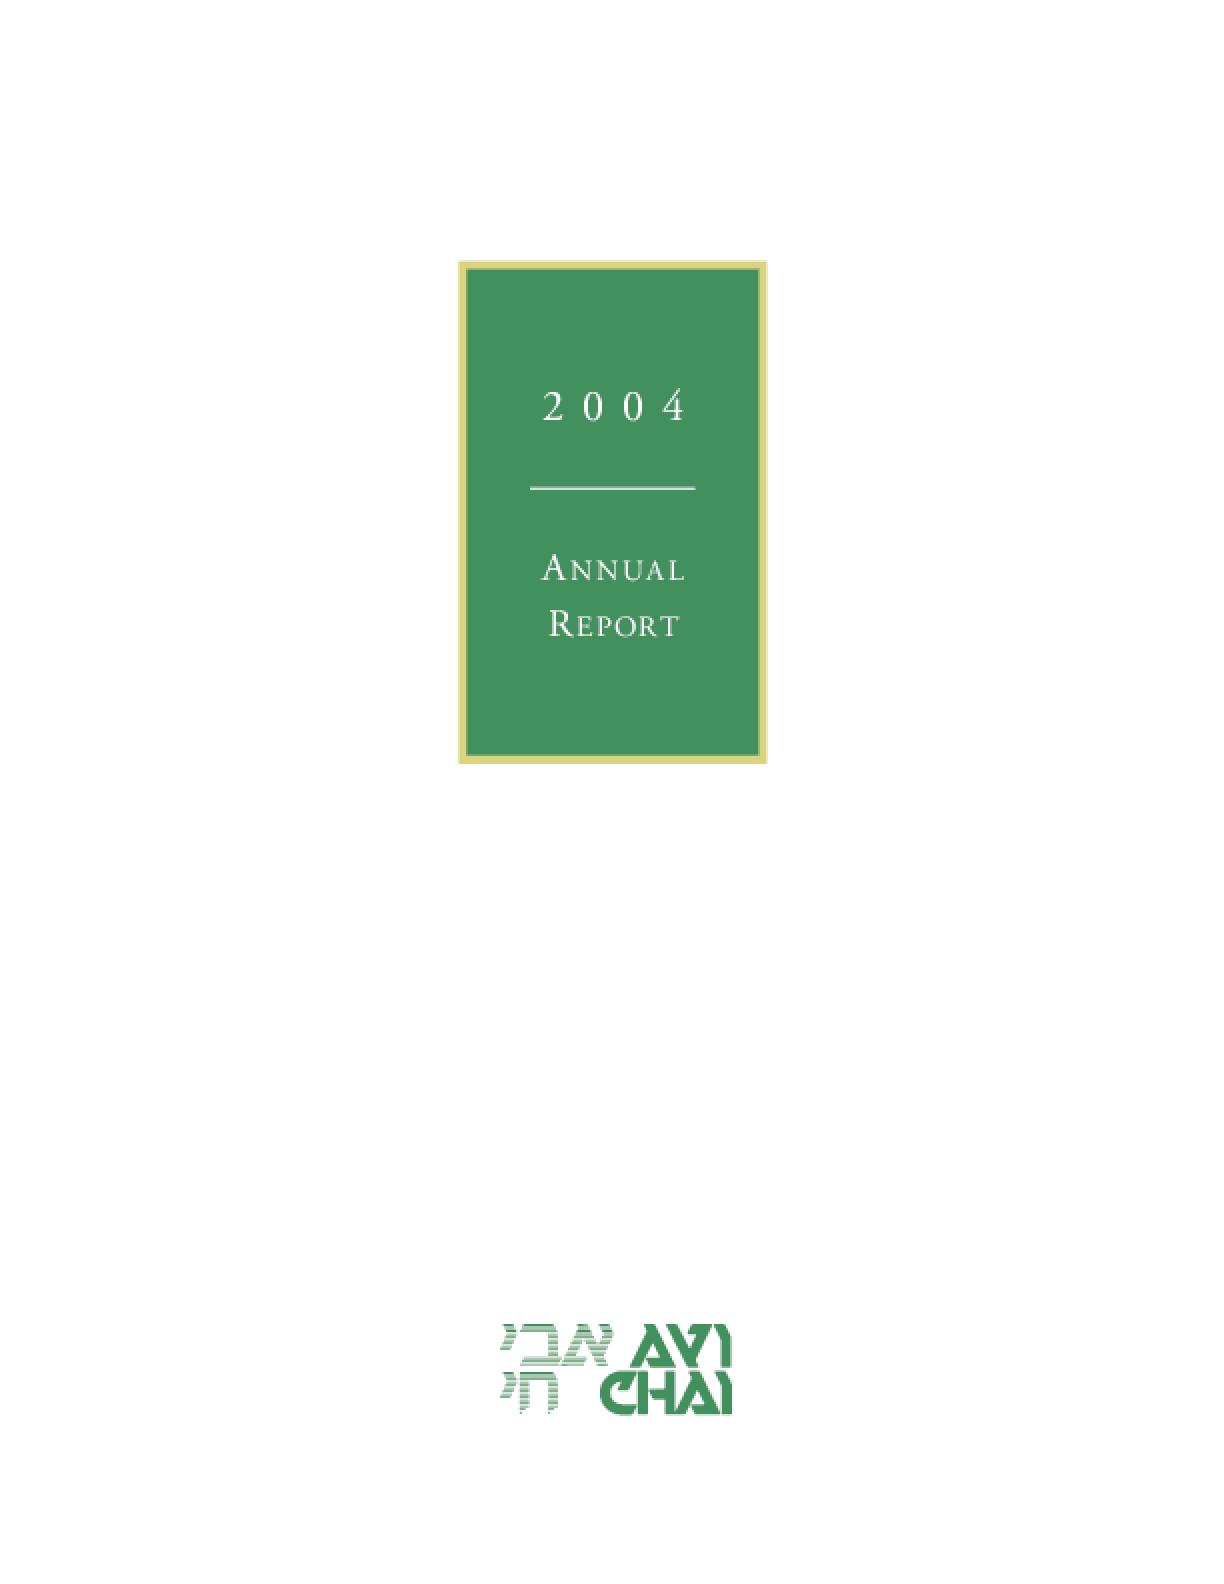 AVI CHAI Foundation - 2004 Annual Report